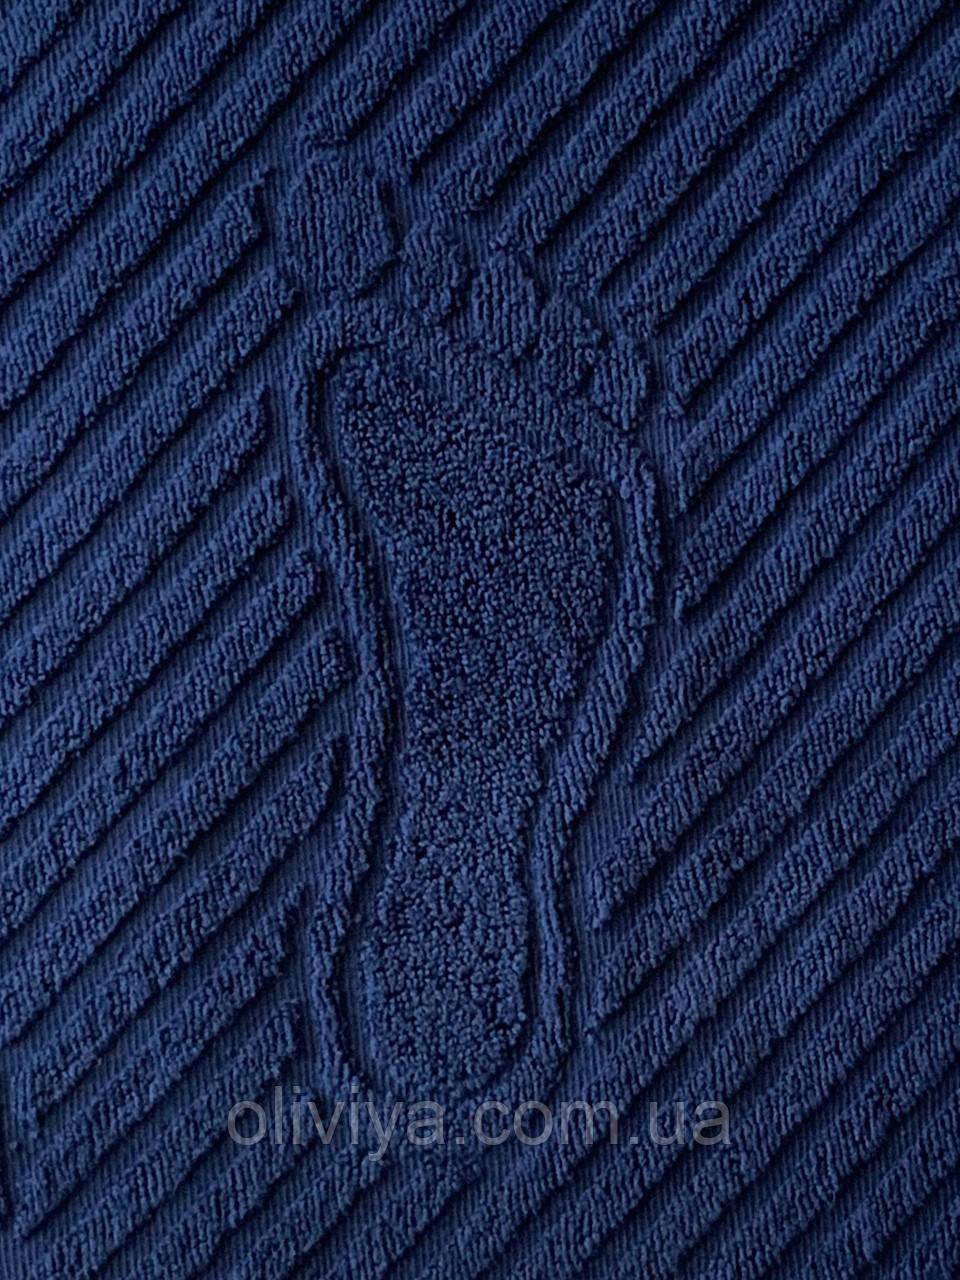 Махровый коврик для ног 50х70 синий